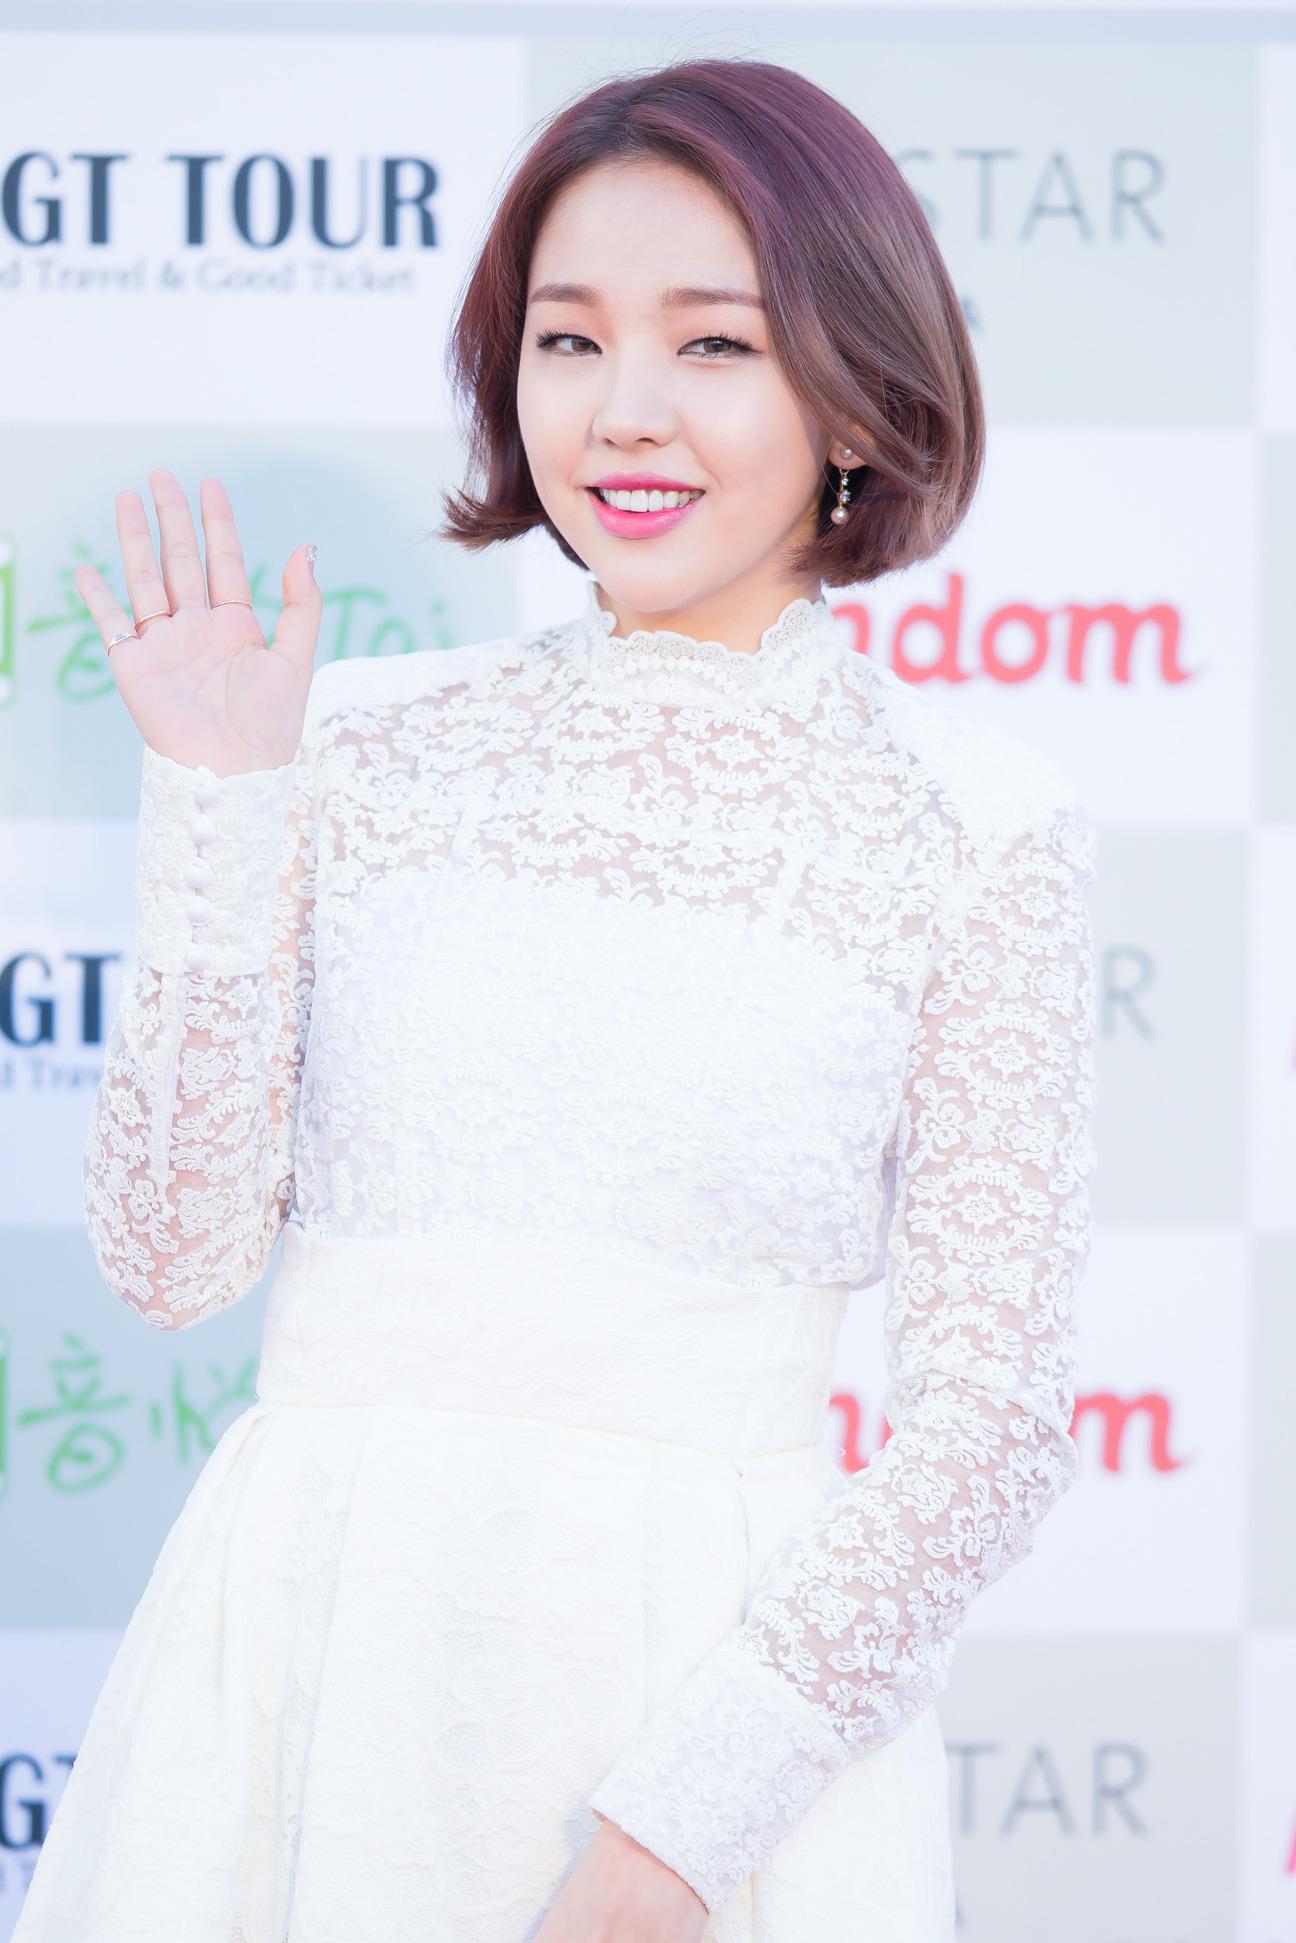 Baek A-yeon - Wikipedia